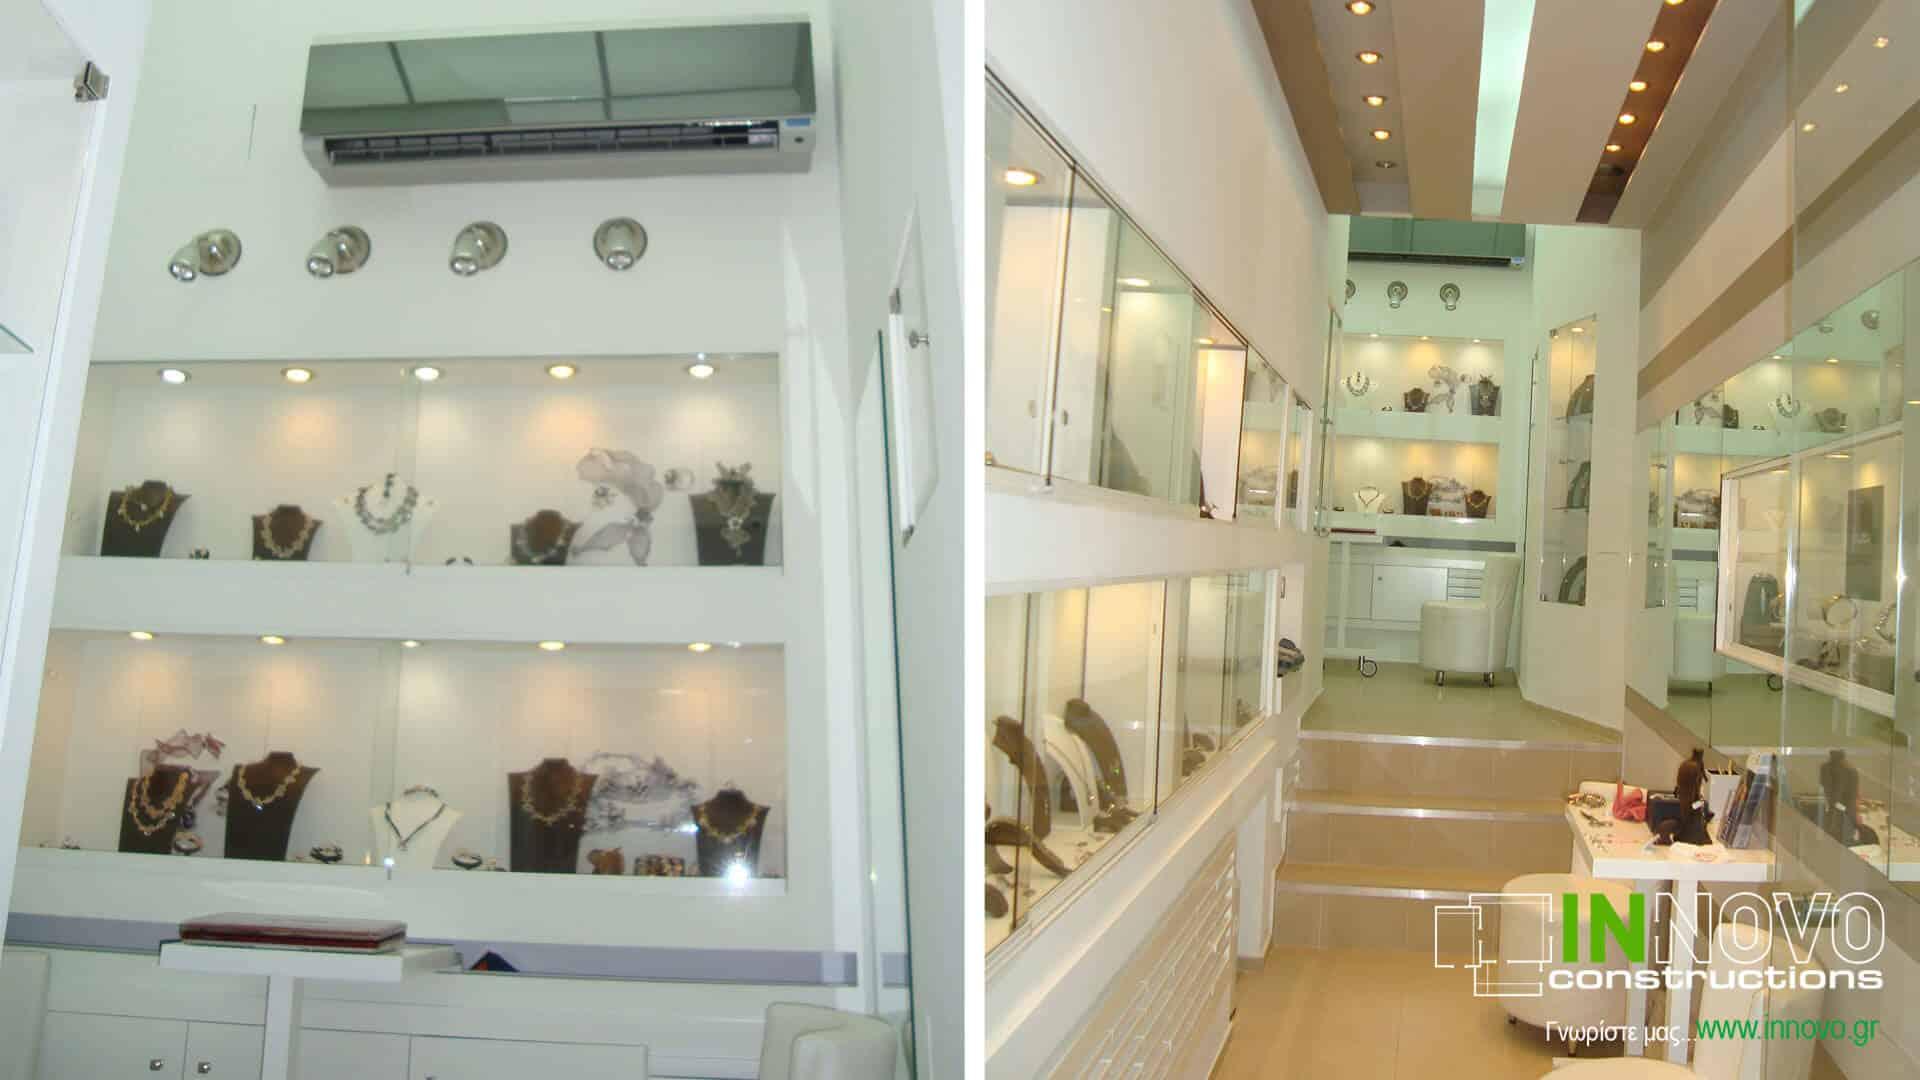 kataskevi-kosmimatopoleiou-jewelry-construction-kosmimatopoleio-monastiraki-1120-5-2